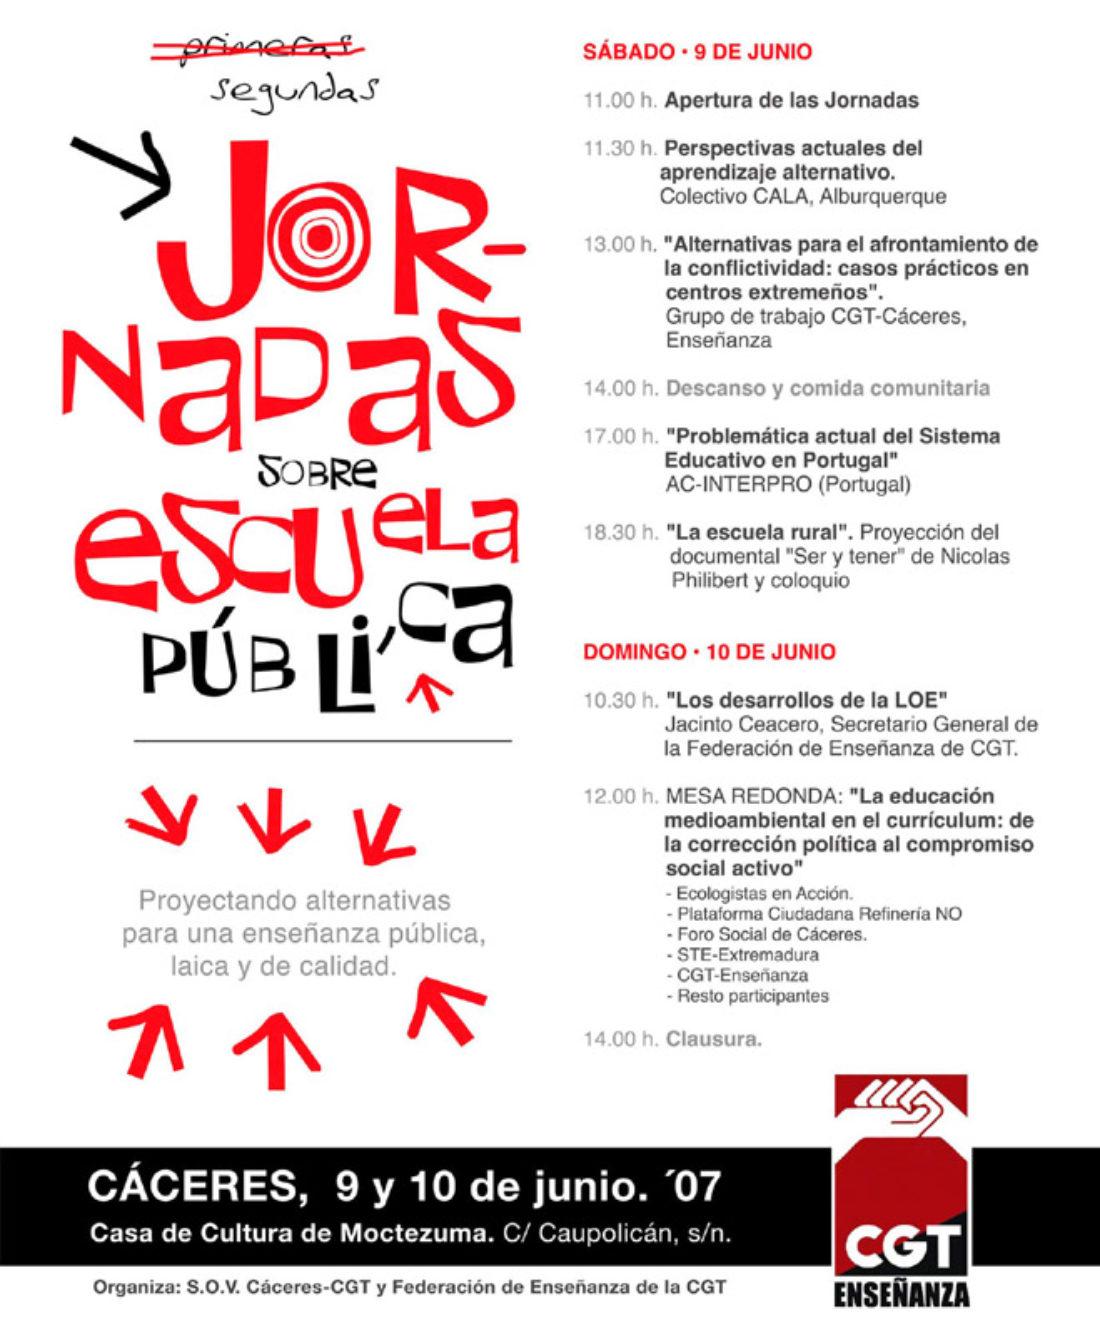 Comienzan las Jornadas de Escuela Pública en Cáceres